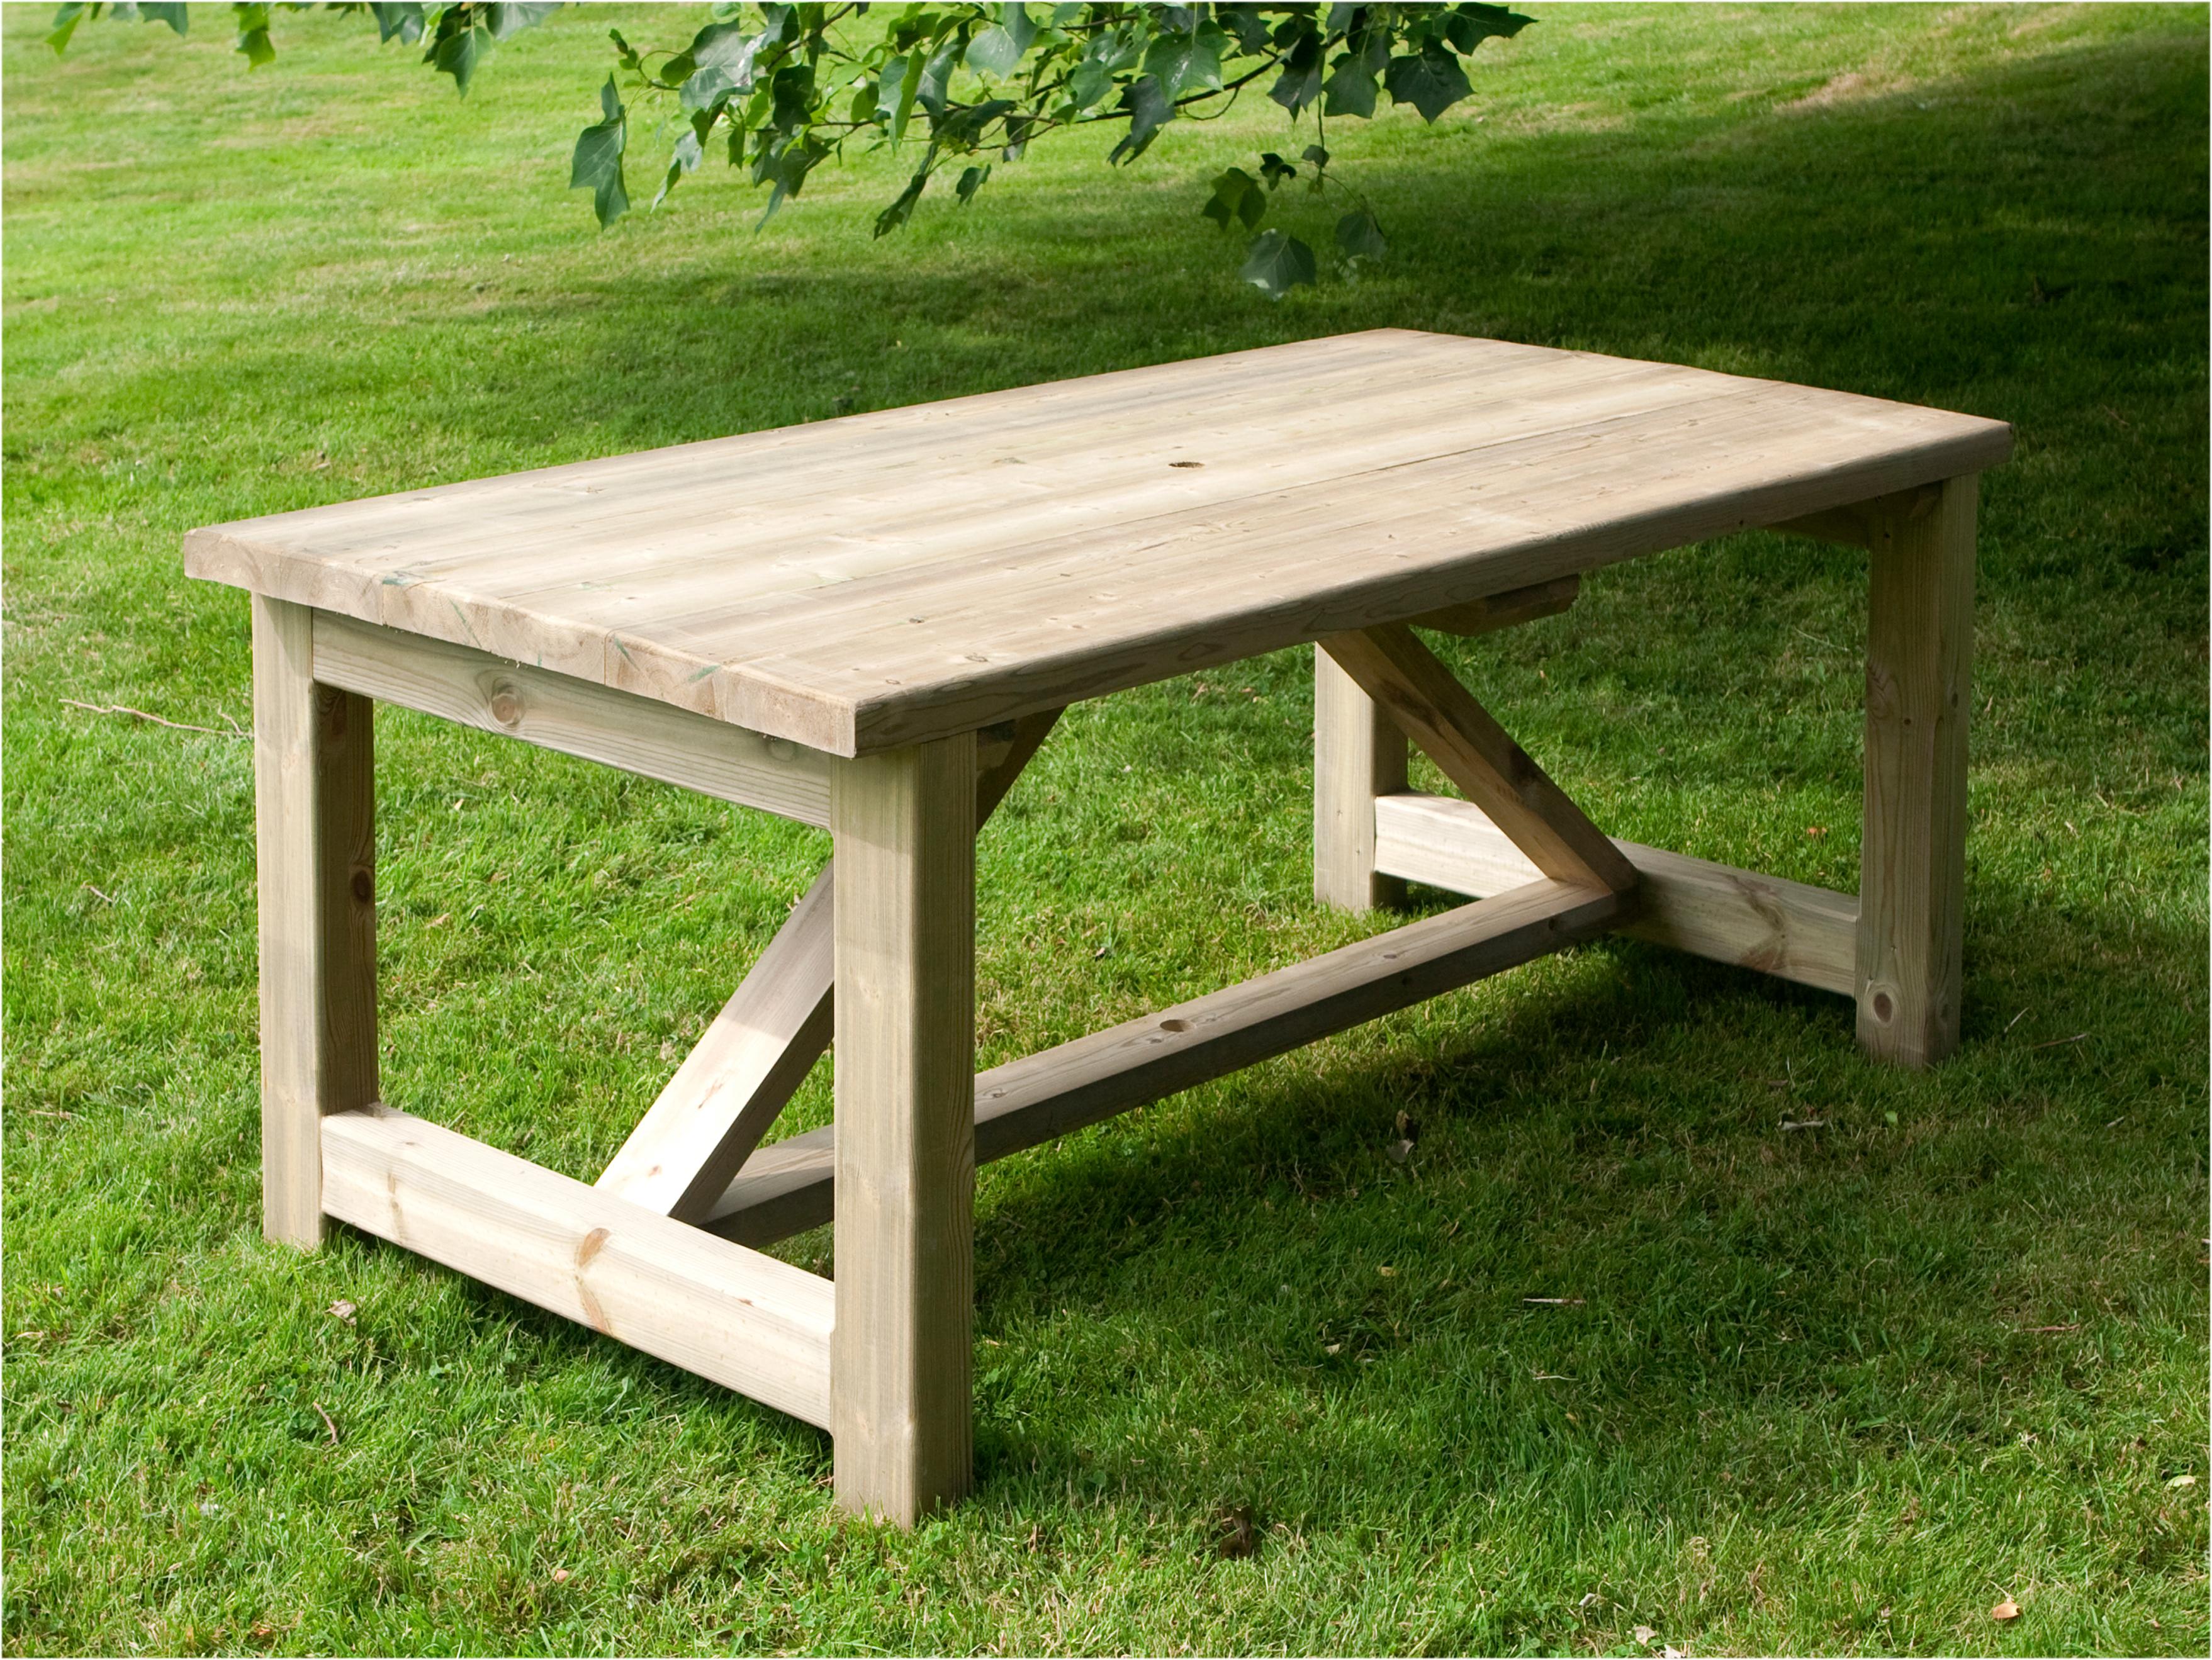 garden tables 6u0027 x 3u0027 rectangular garden table SDFCPWI